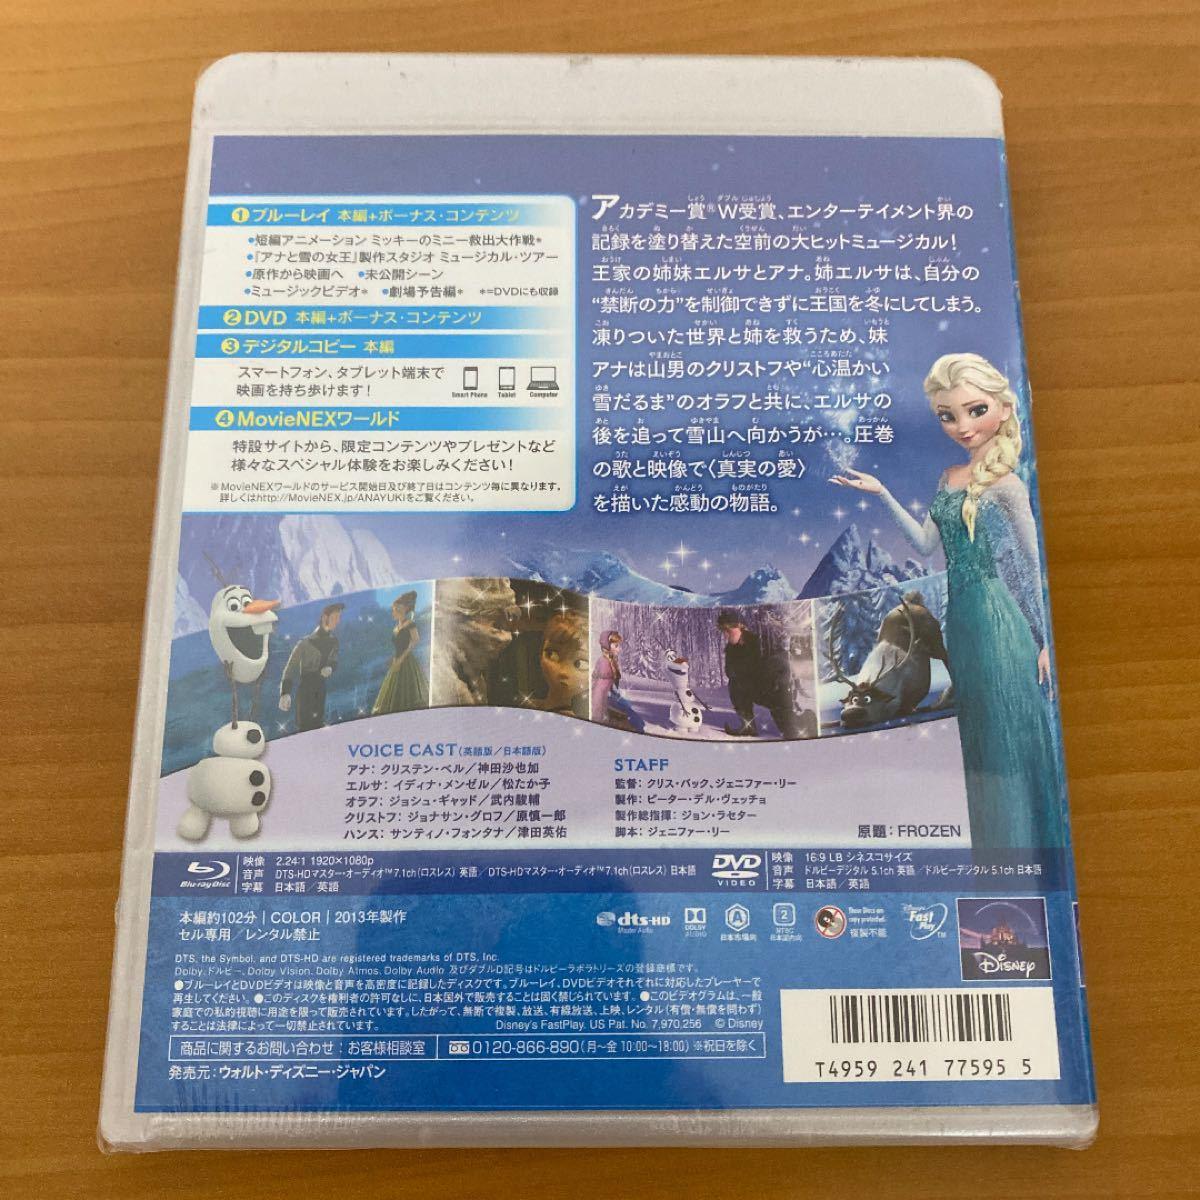 【新品 未使用品】アナと雪の女王 DVDディスク